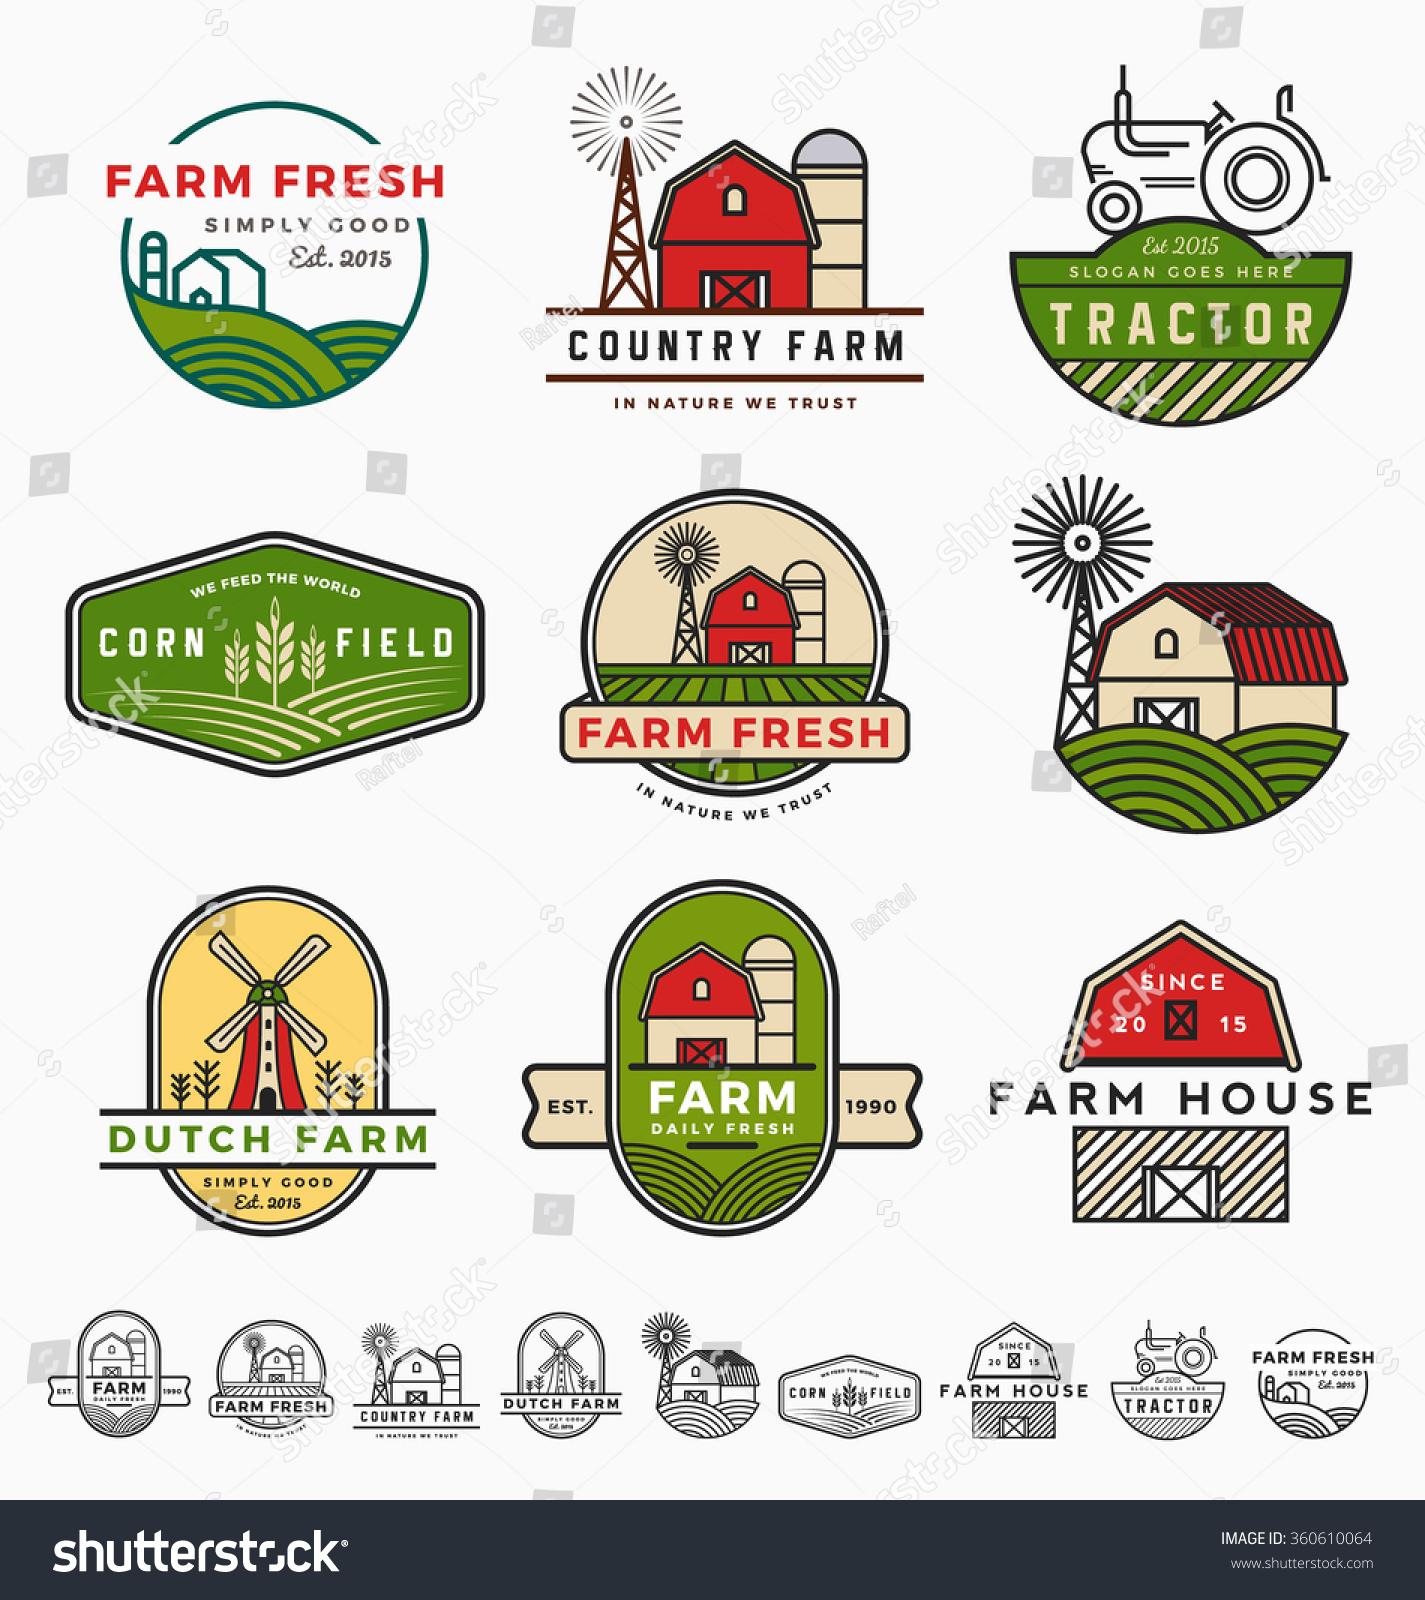 Vintage Modern Farm Logo Template Design Stock Vector